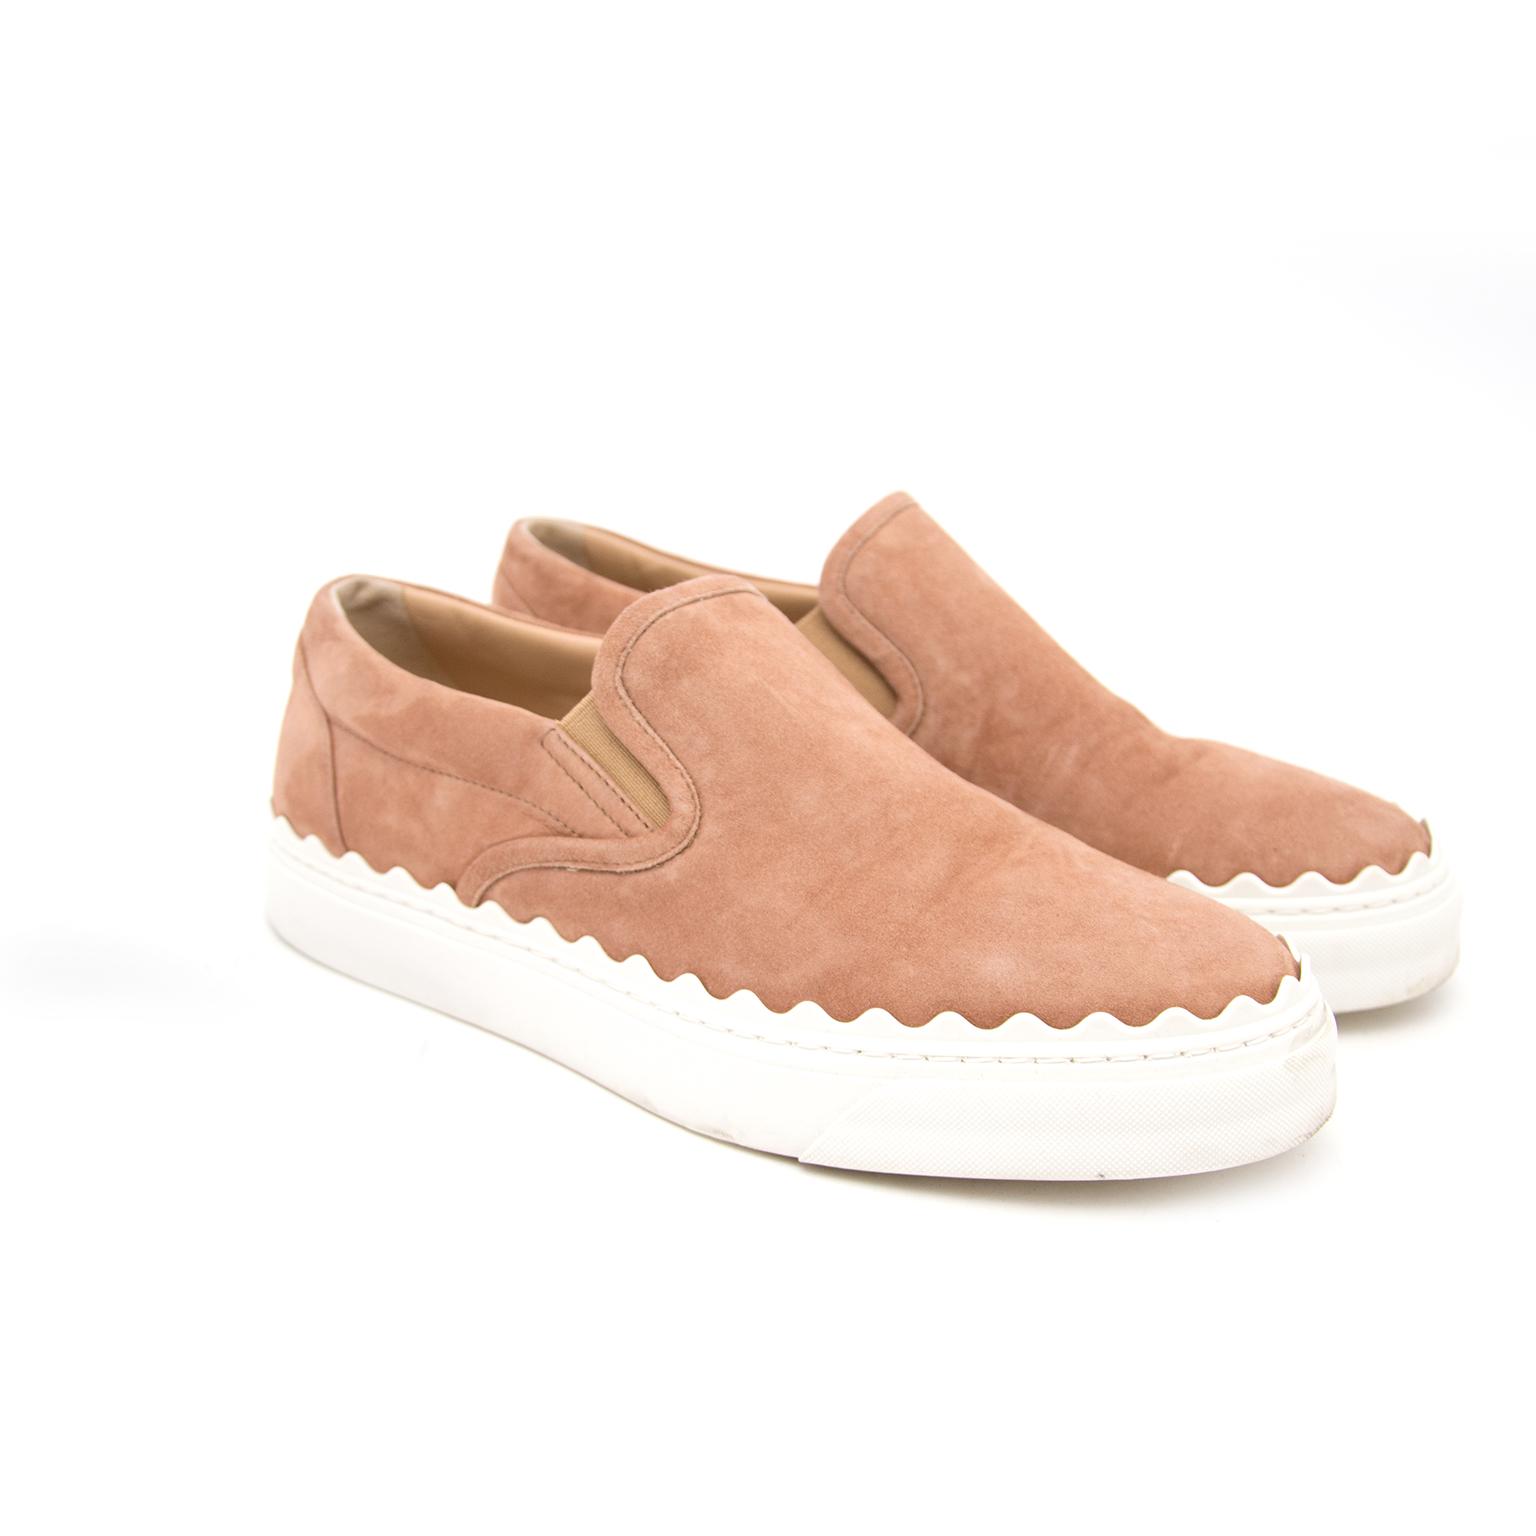 Chloe Desert Rose Slip On Sneakers kopen aan de beste prijs